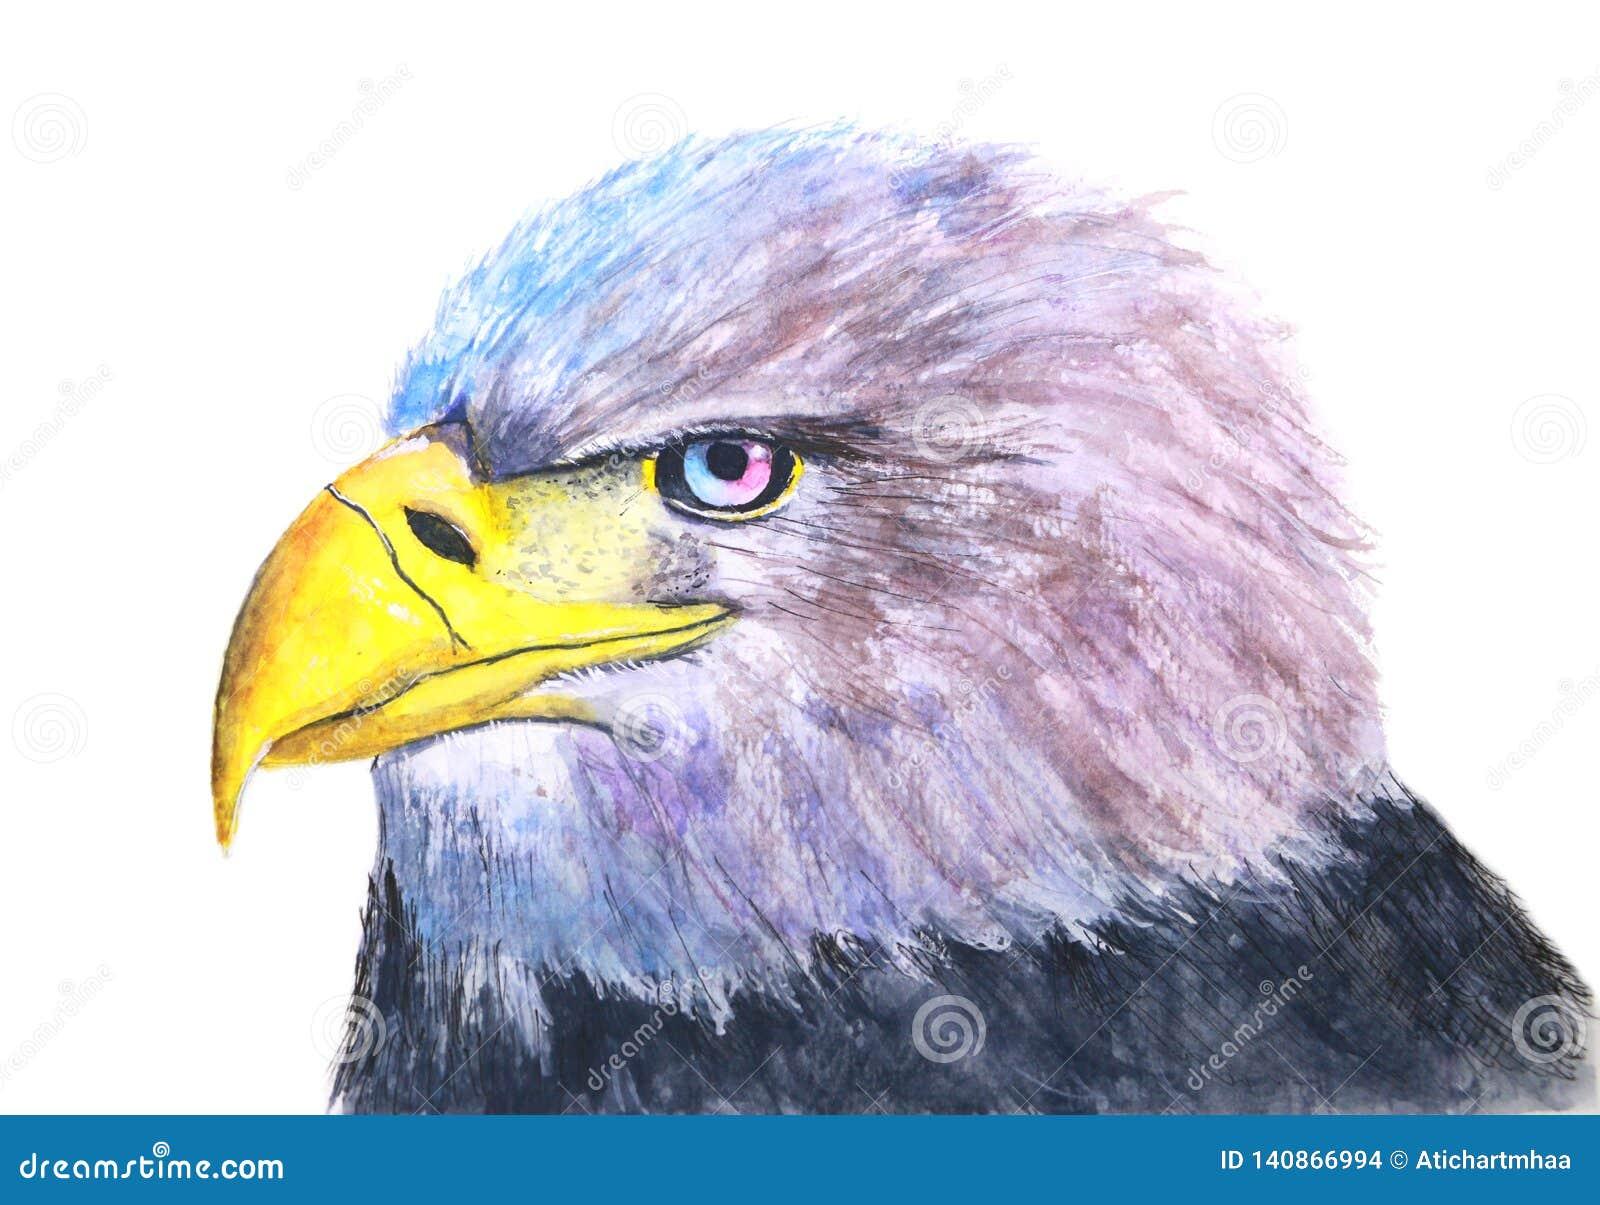 Aquarela desenhado à mão ilustração isolada de uma águia do pássaro no fundo branco